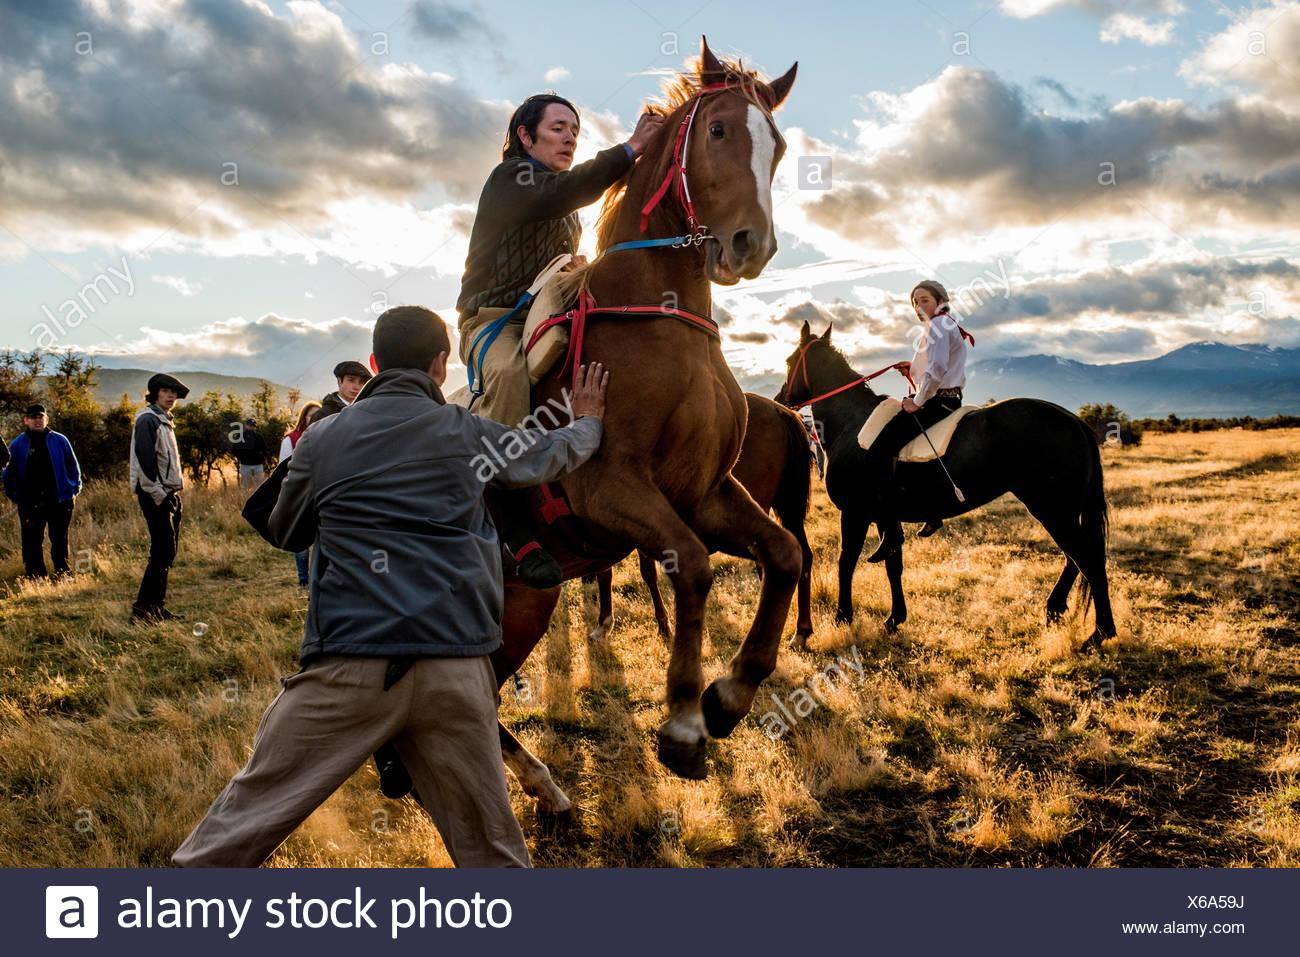 Vorbereitungen für ein Pferderennen während einer Jineteada Festival oder wild Reiten Festival auf einer Ranch. Stockbild